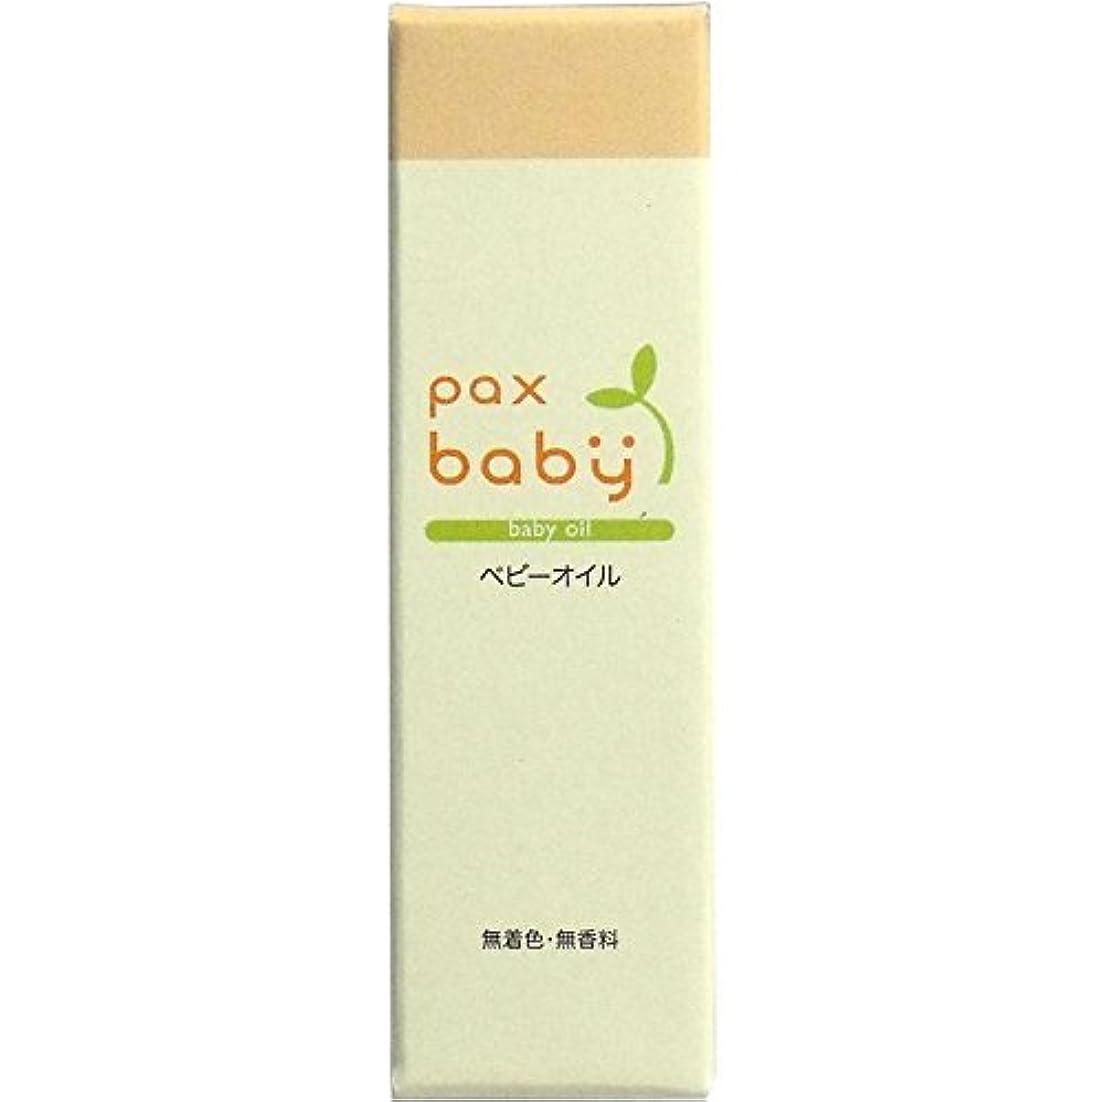 さらっとお肌になじみ、乾燥から守る植物性オイルです パックスベビー ベビーオイル 40mL